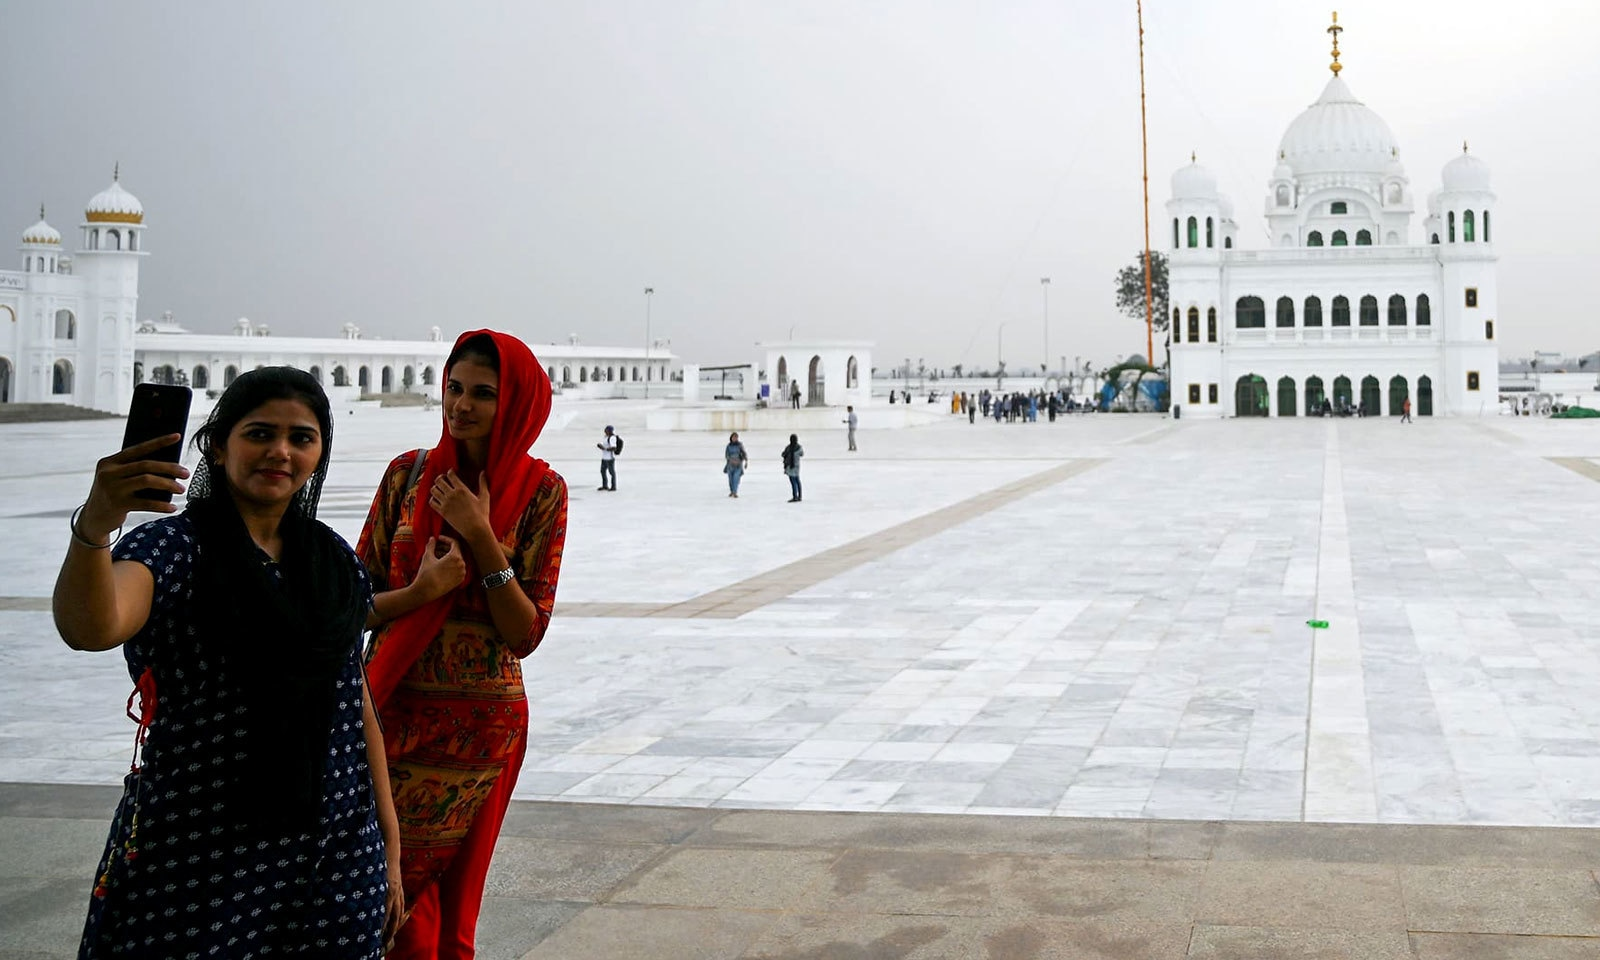 بابا گرونانک کے مزار کے سامنے سکھ زائرین سیلفیاں لے رہے ہیں — فوٹو: اے ایف پی